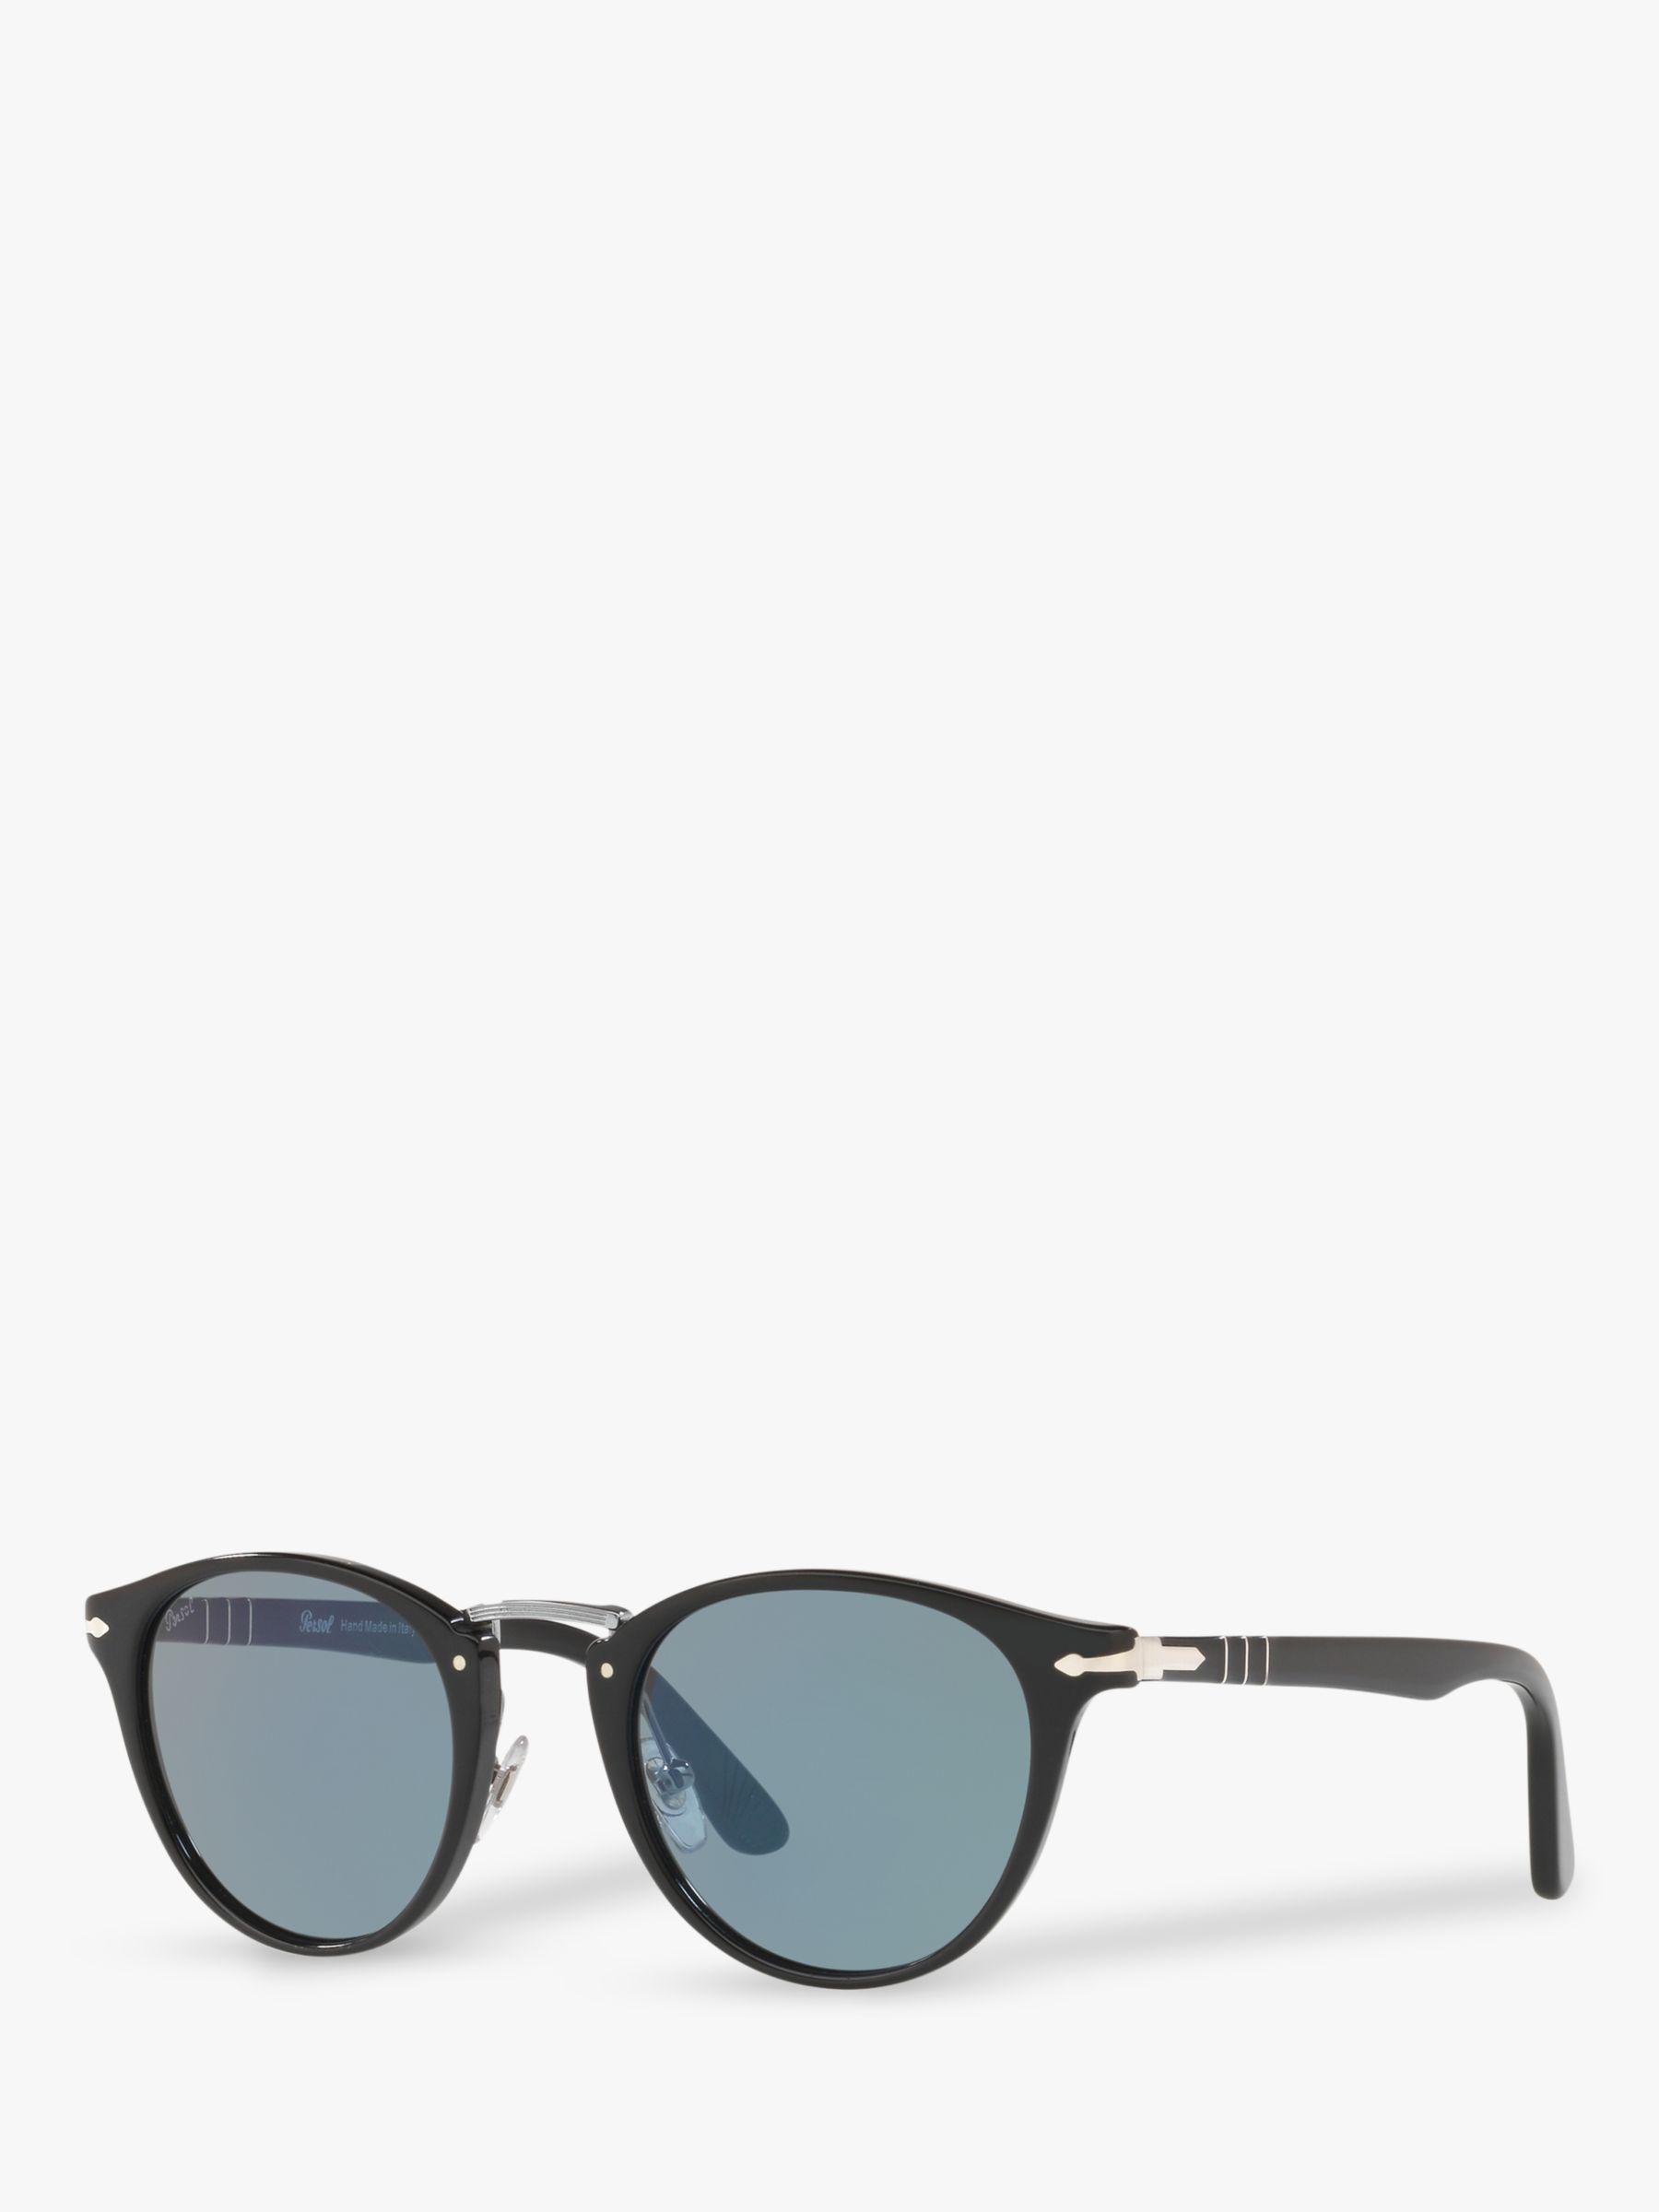 Persol Persol PO3108S Men's Oval Sunglasses, Black/Blue